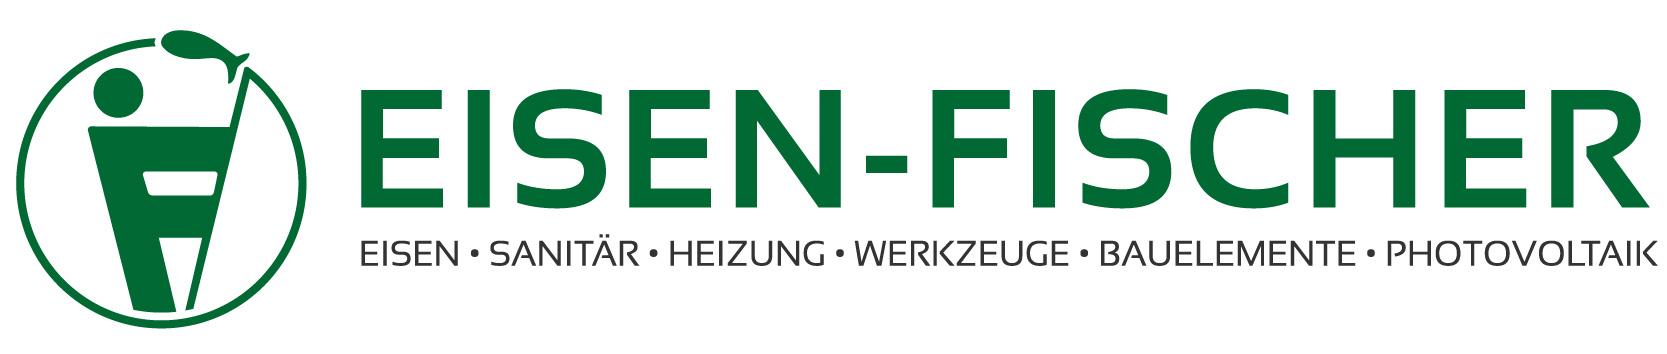 Eisen Fischer Limburg Offheim